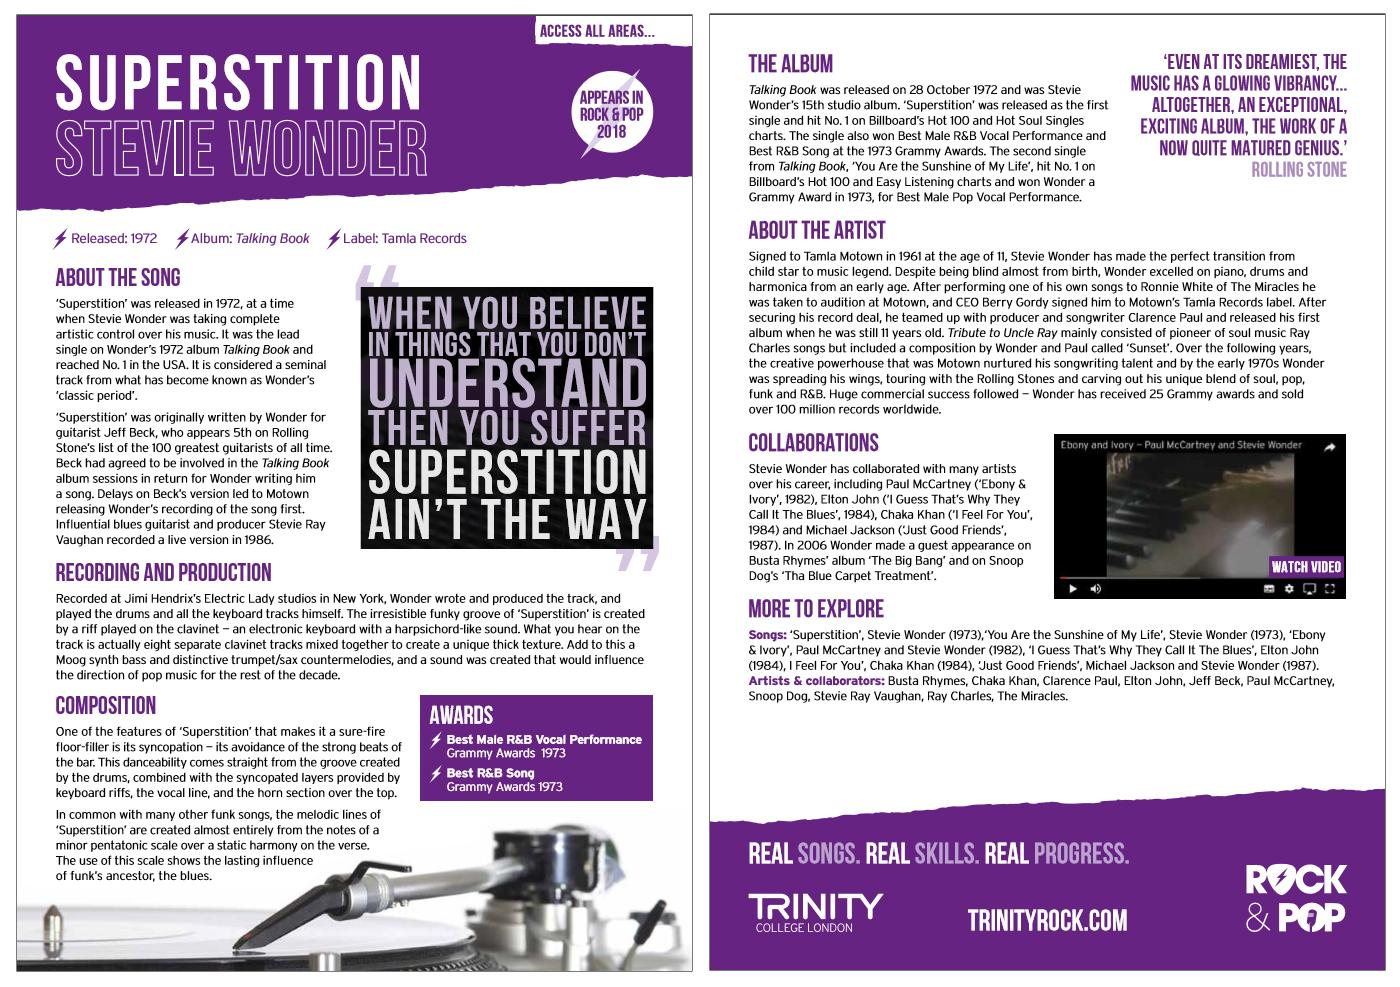 PRODUCER'S NOTES - 'SUPERSTITION', STEVIE WONDER | Rock & Pop